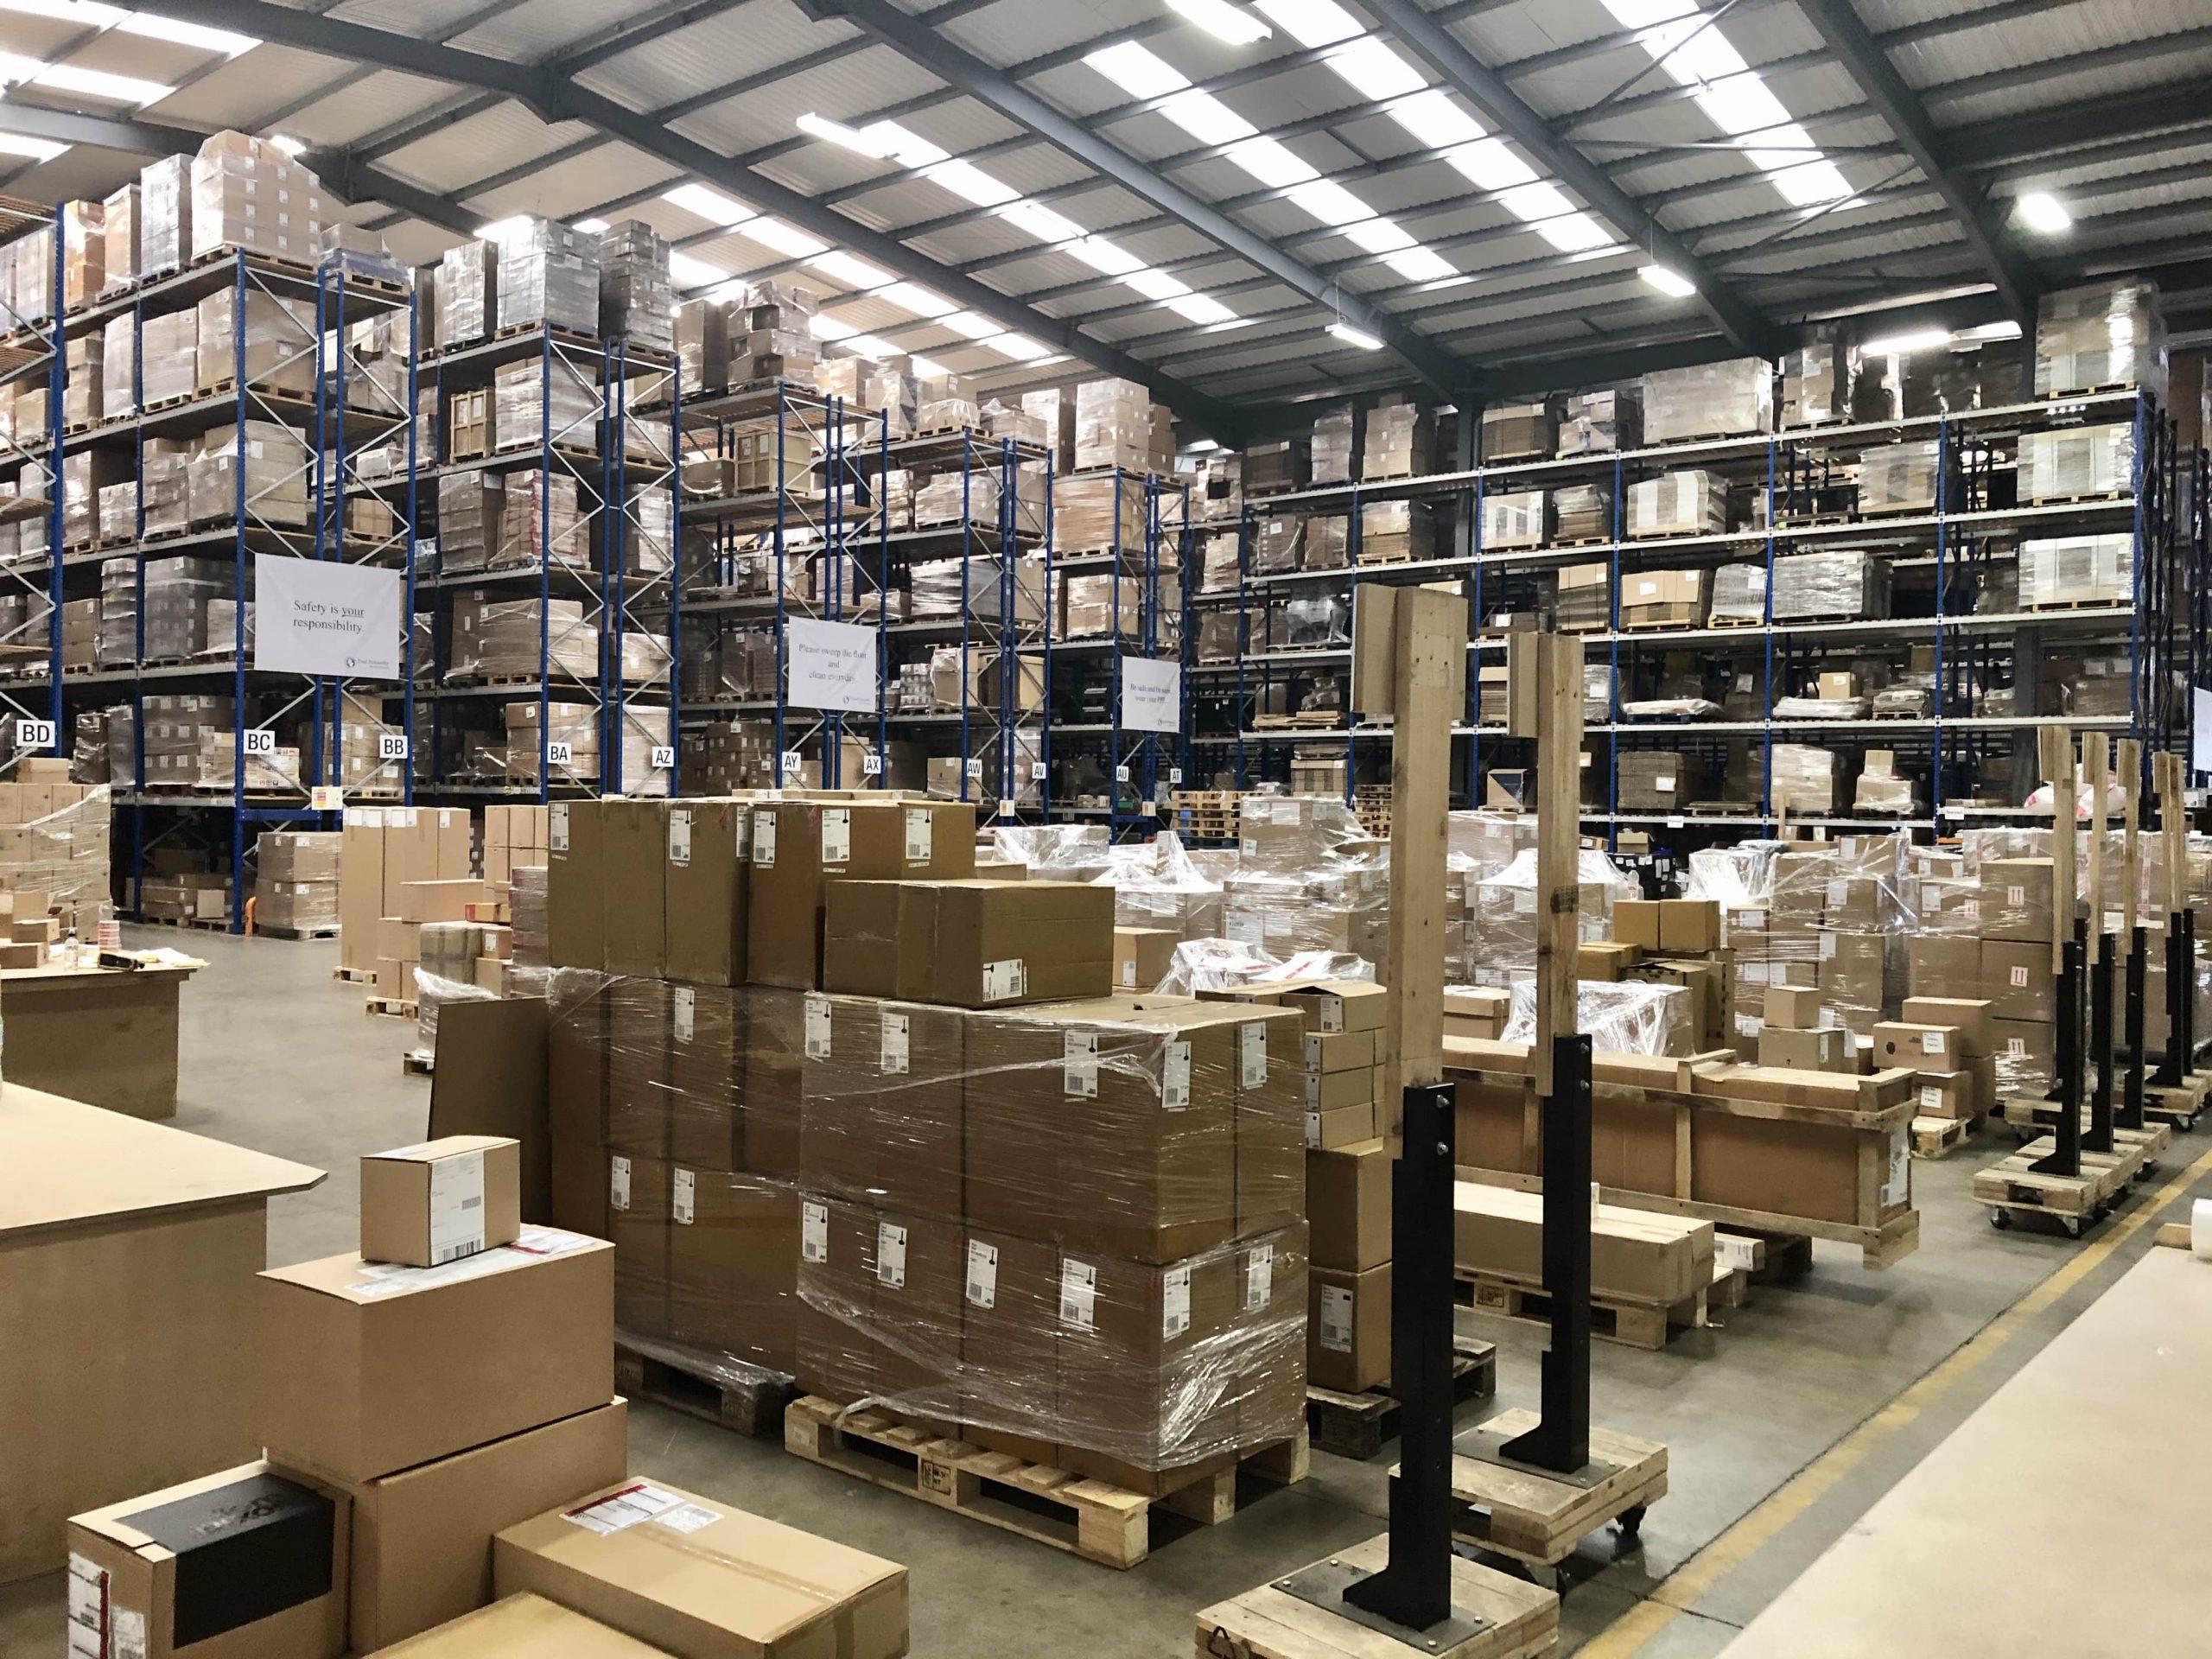 warehouse-July-2020-min-scaled.jpg